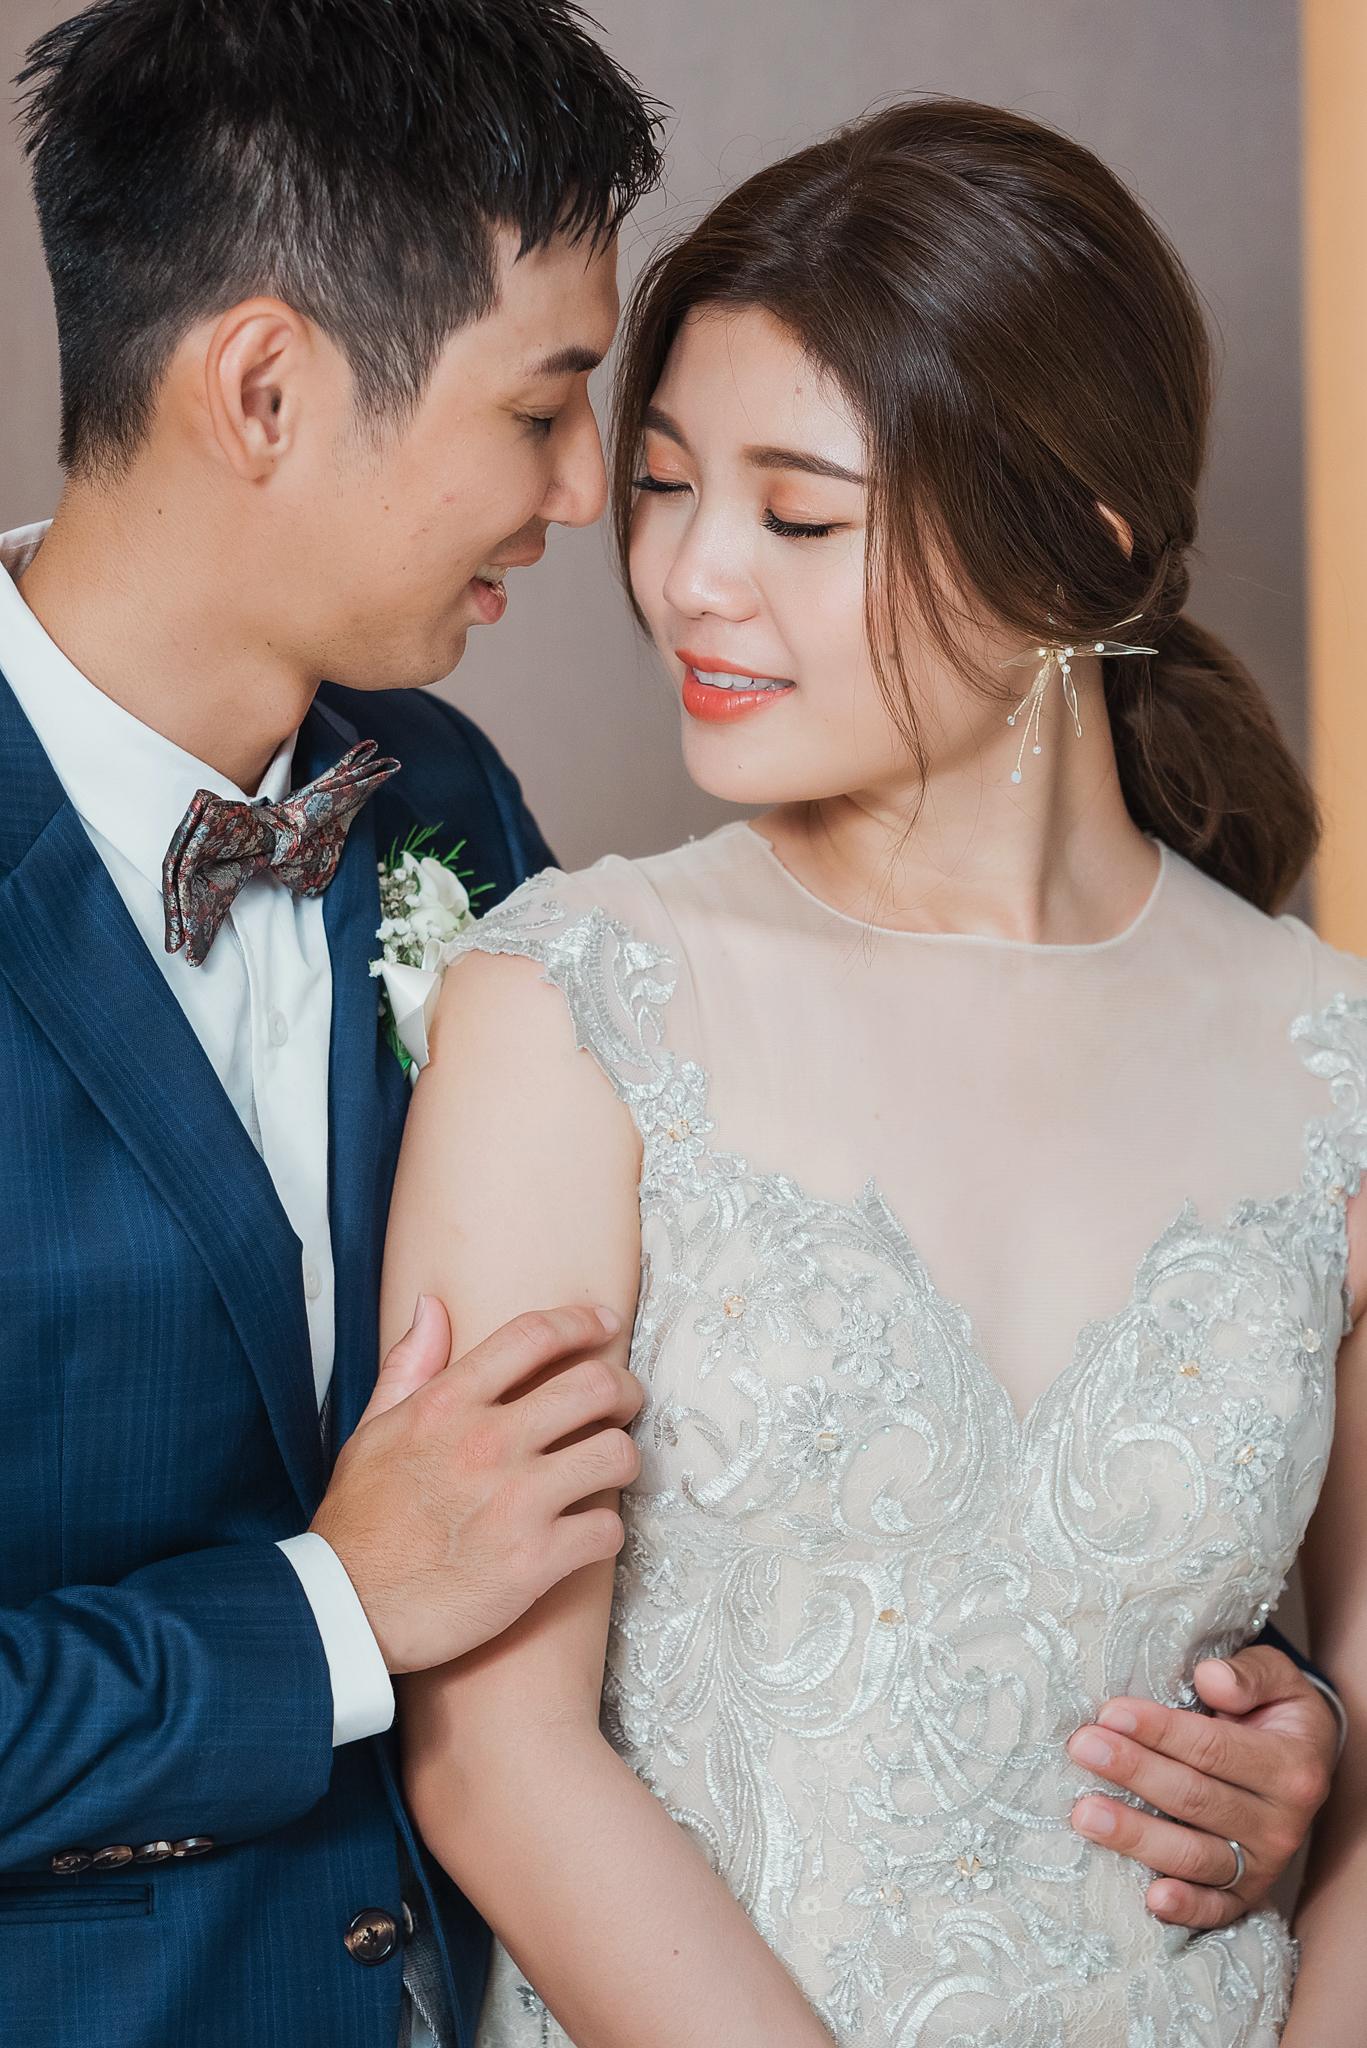 [婚禮紀錄-Yozi]2020.10.11台北國泰萬怡酒店